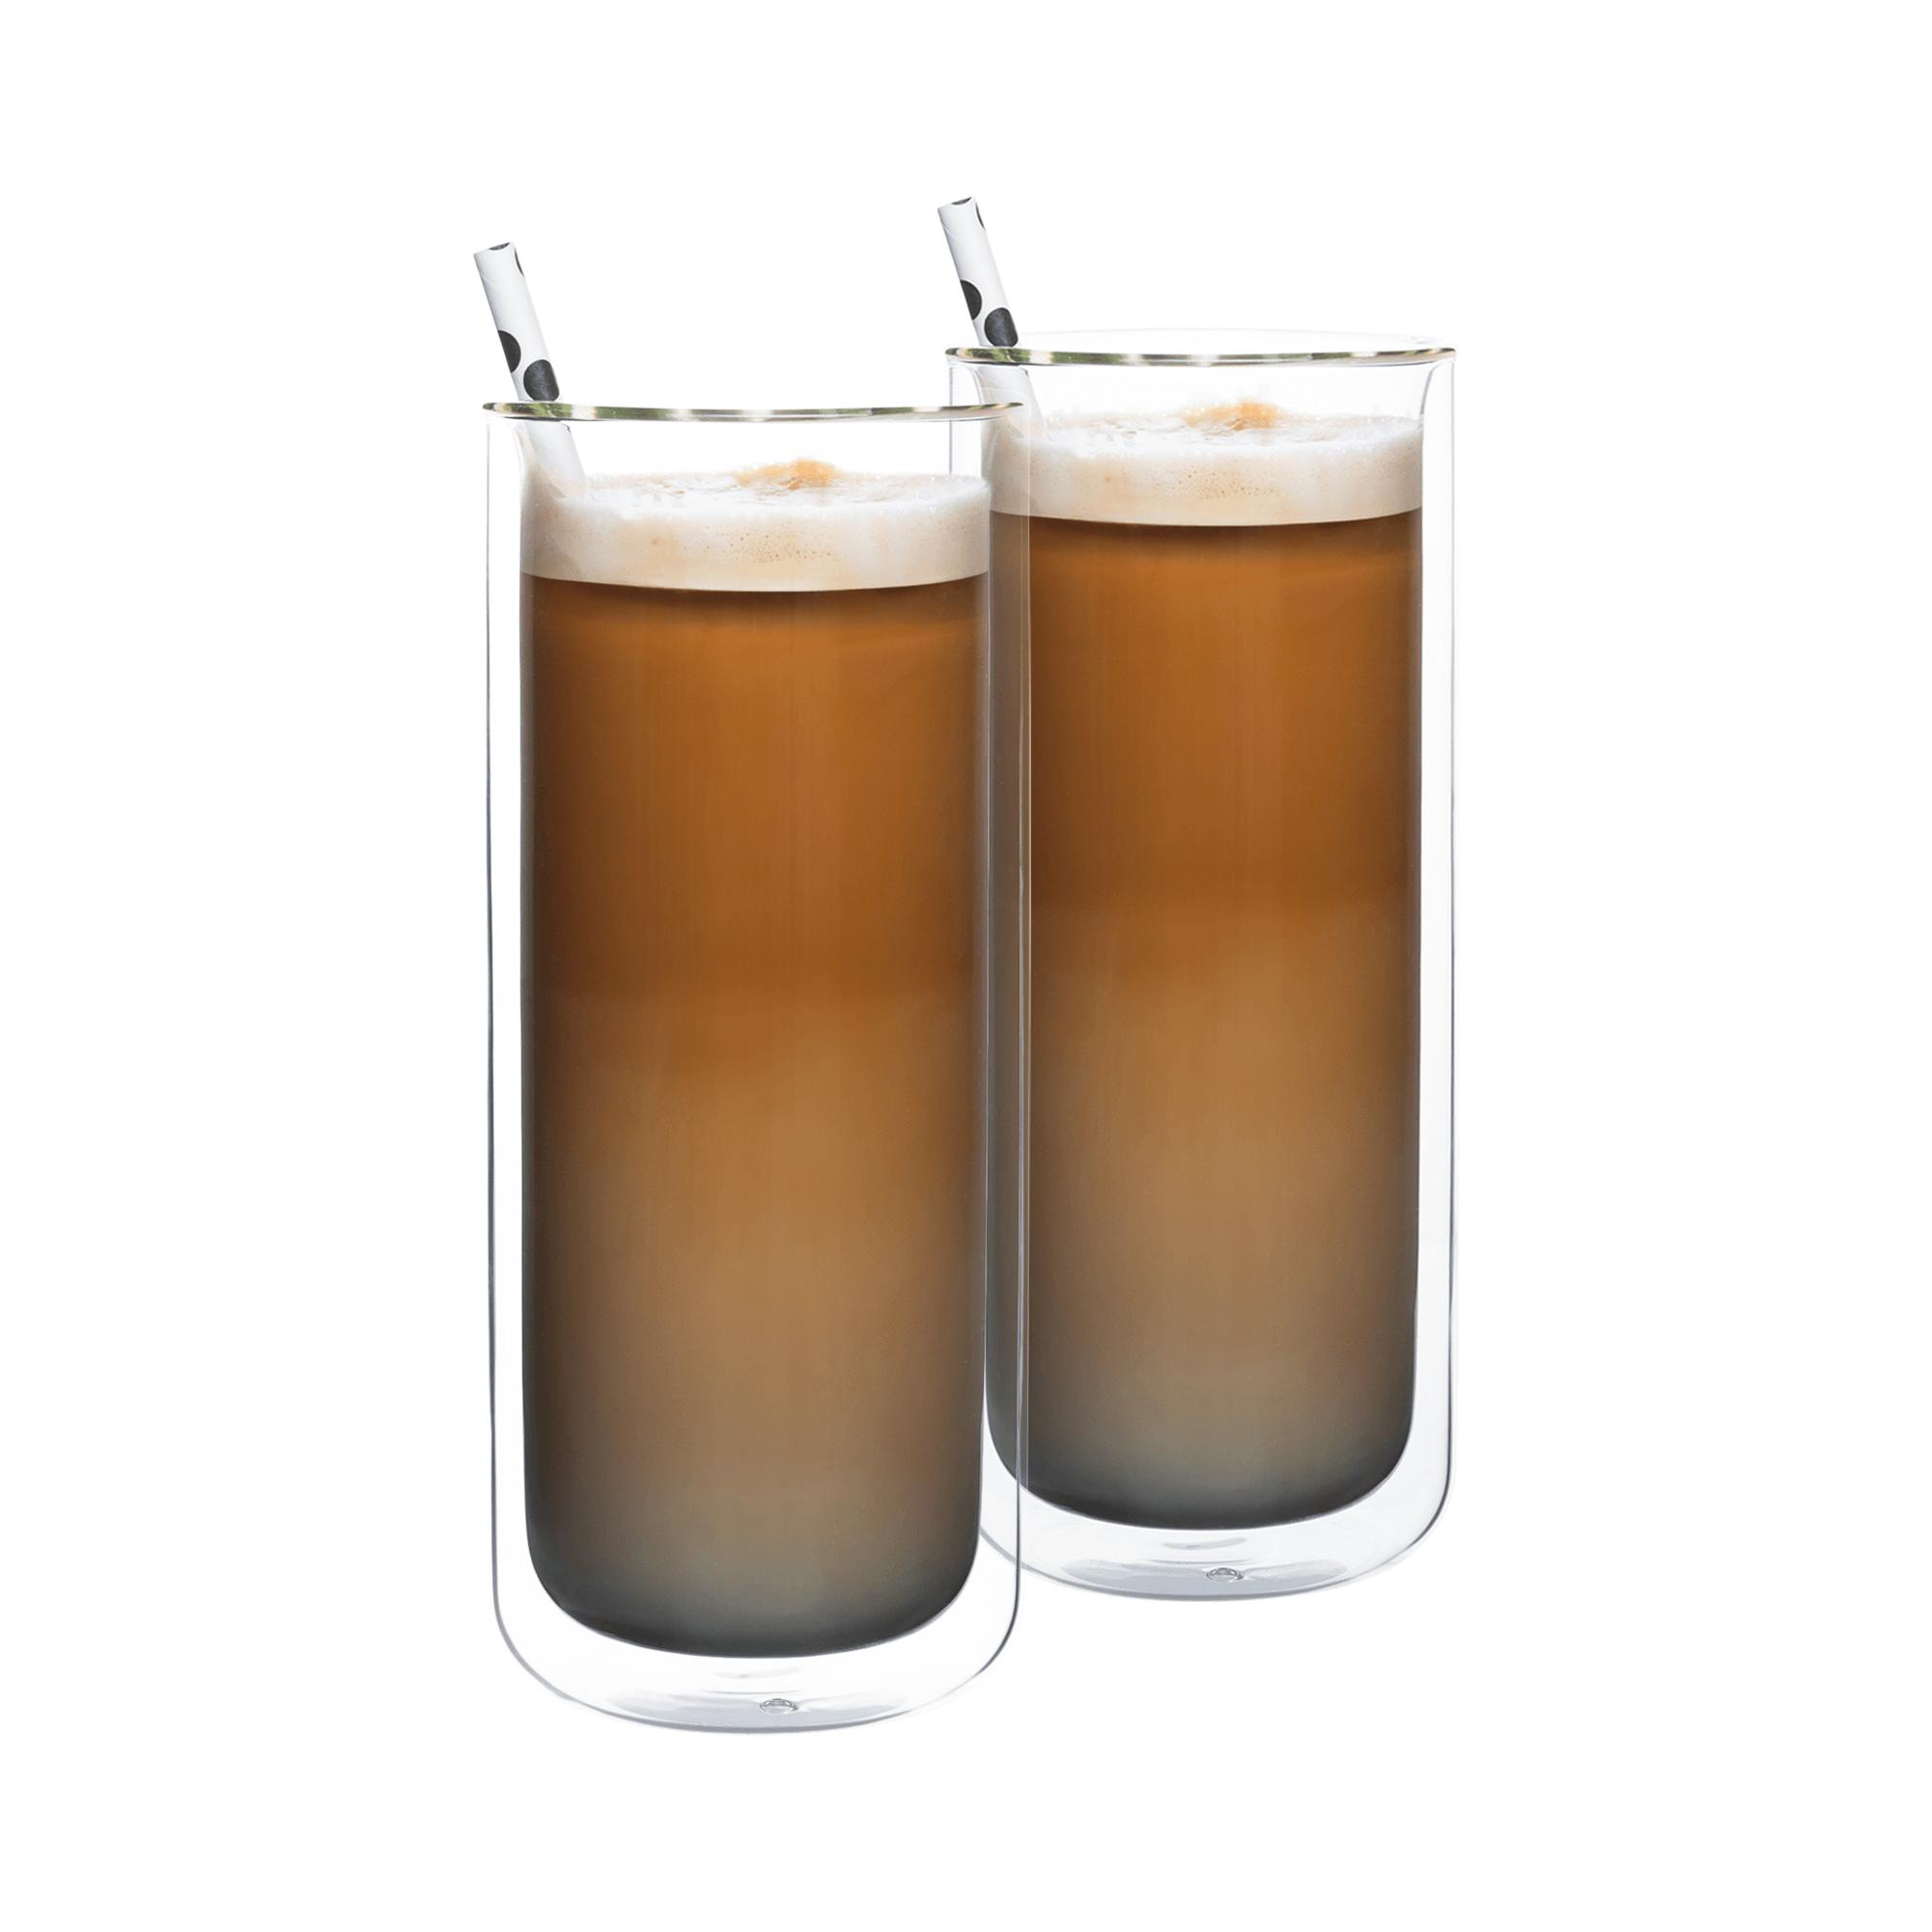 Cană termică pentru băutură, 2 buc., 500ml, HOTCOLD TIP 14